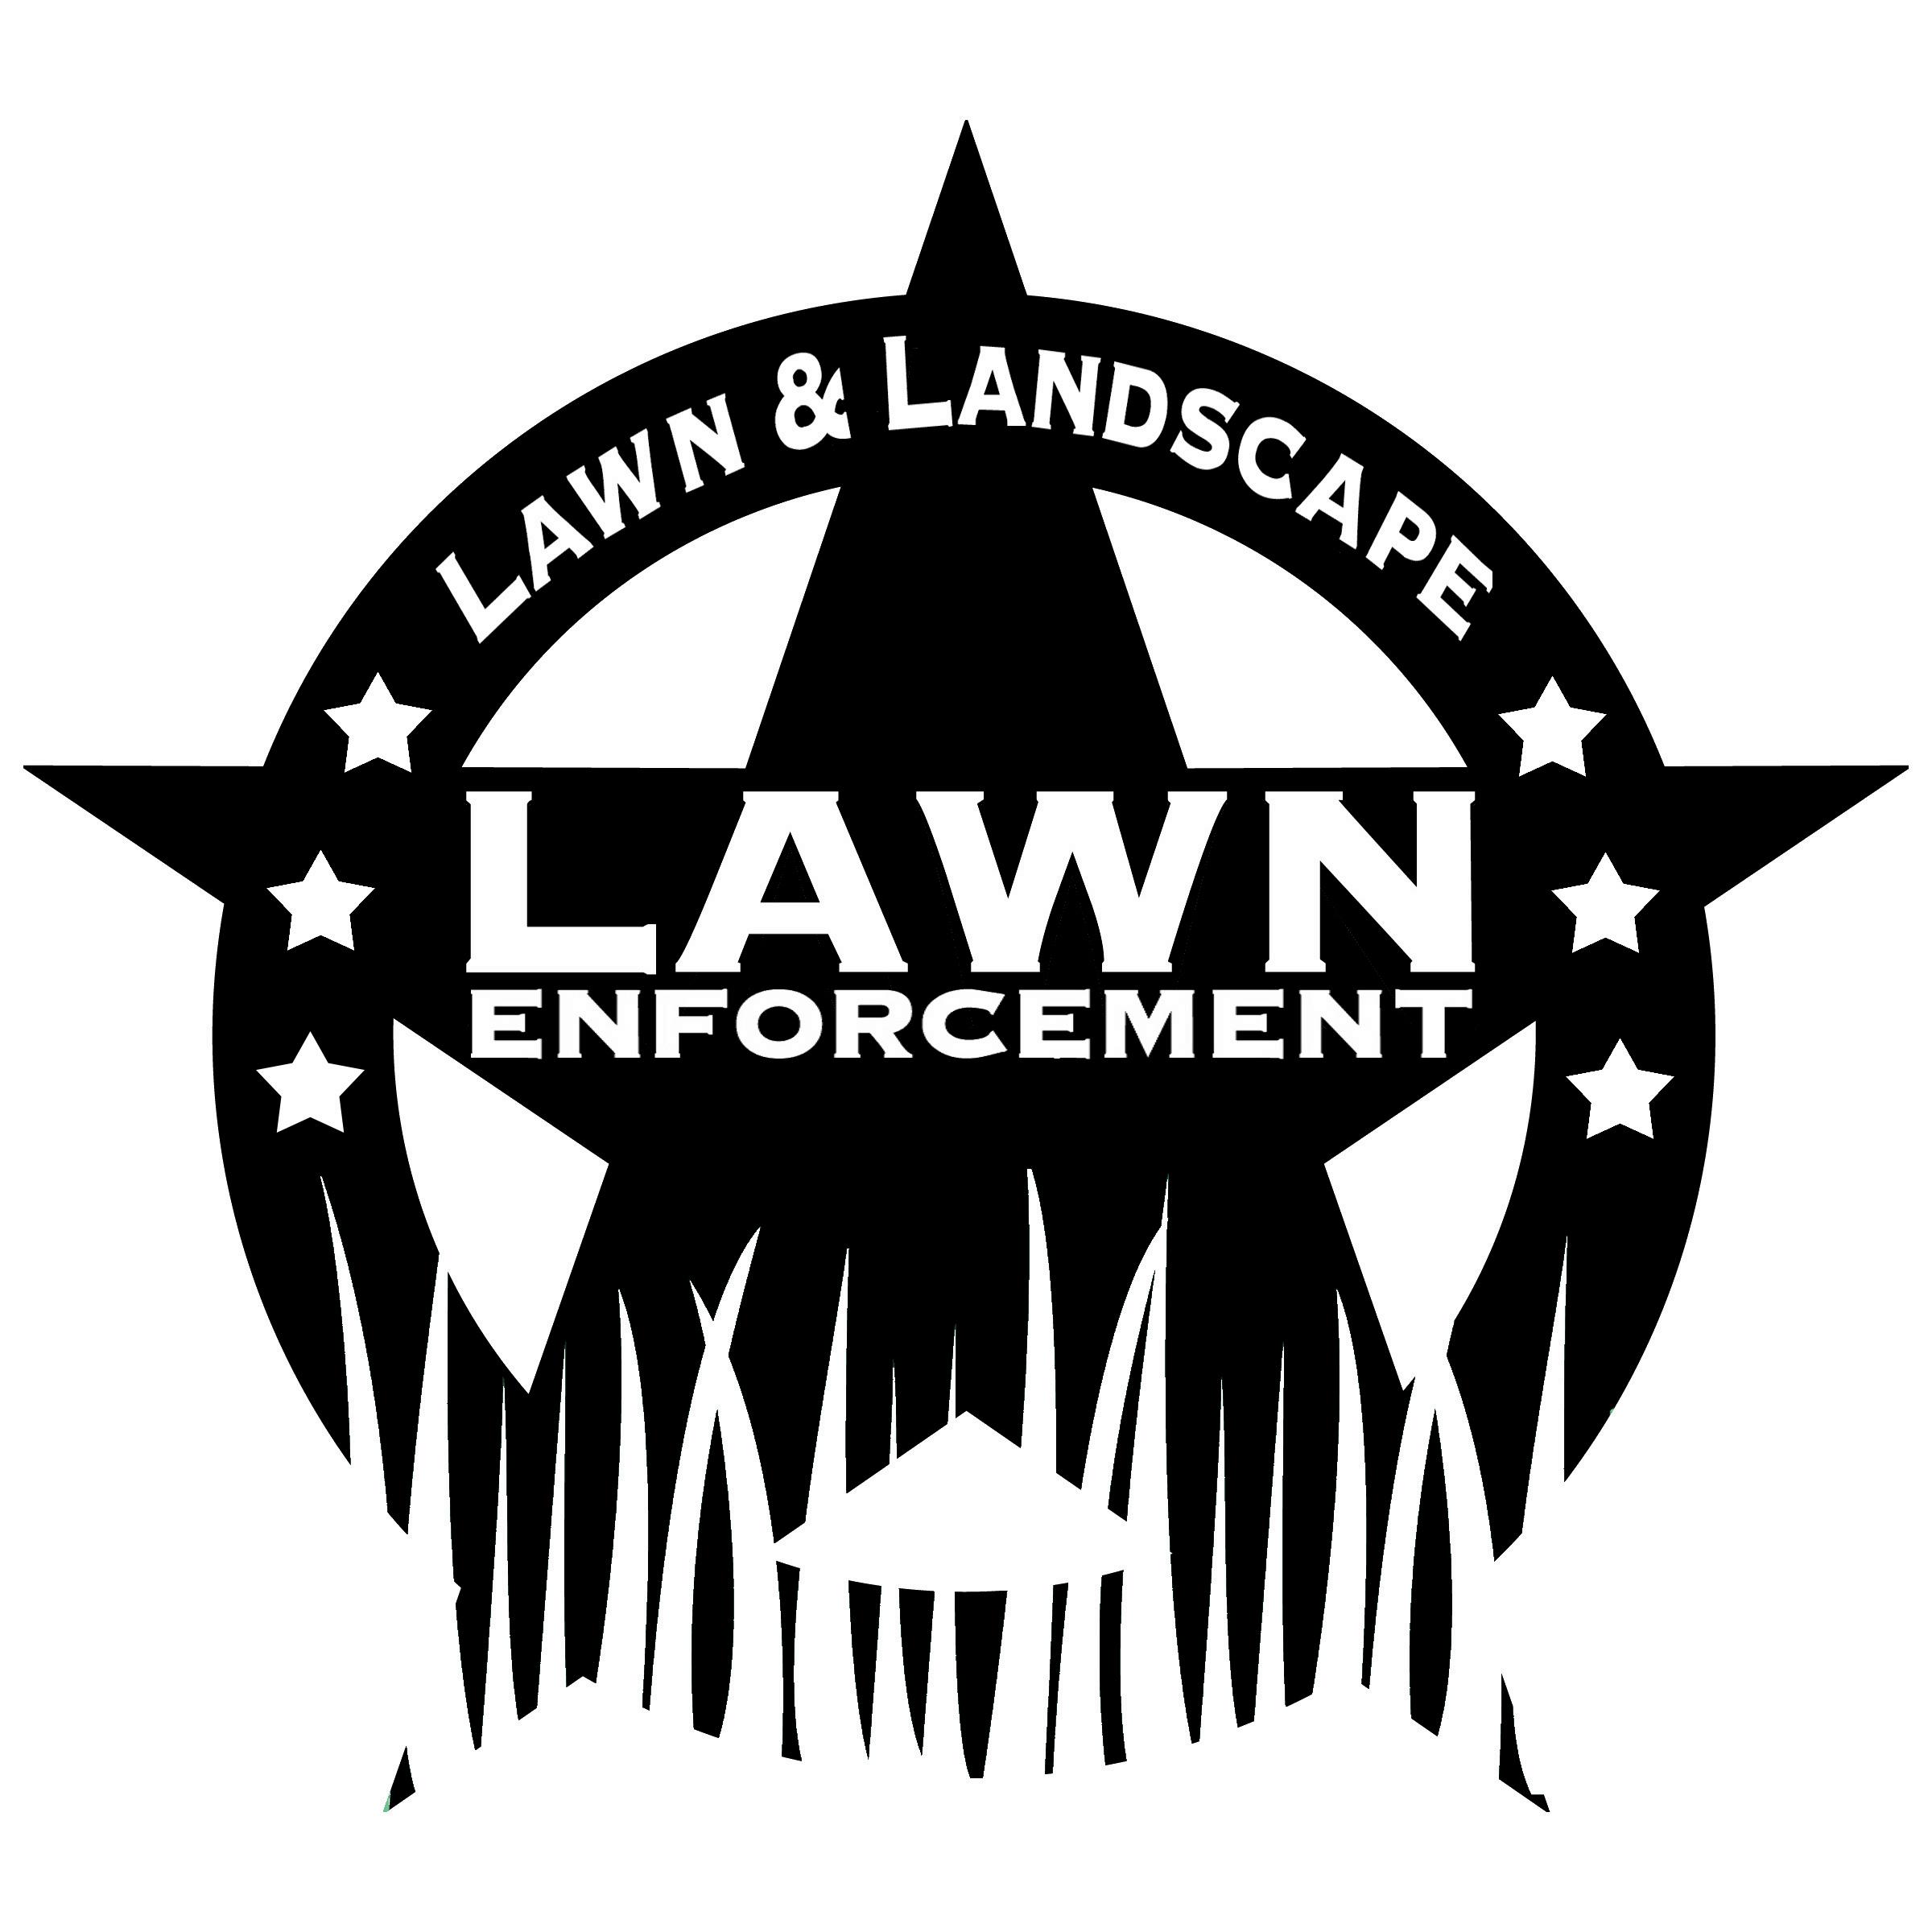 jax lawn enforcement jacksonville fl 2